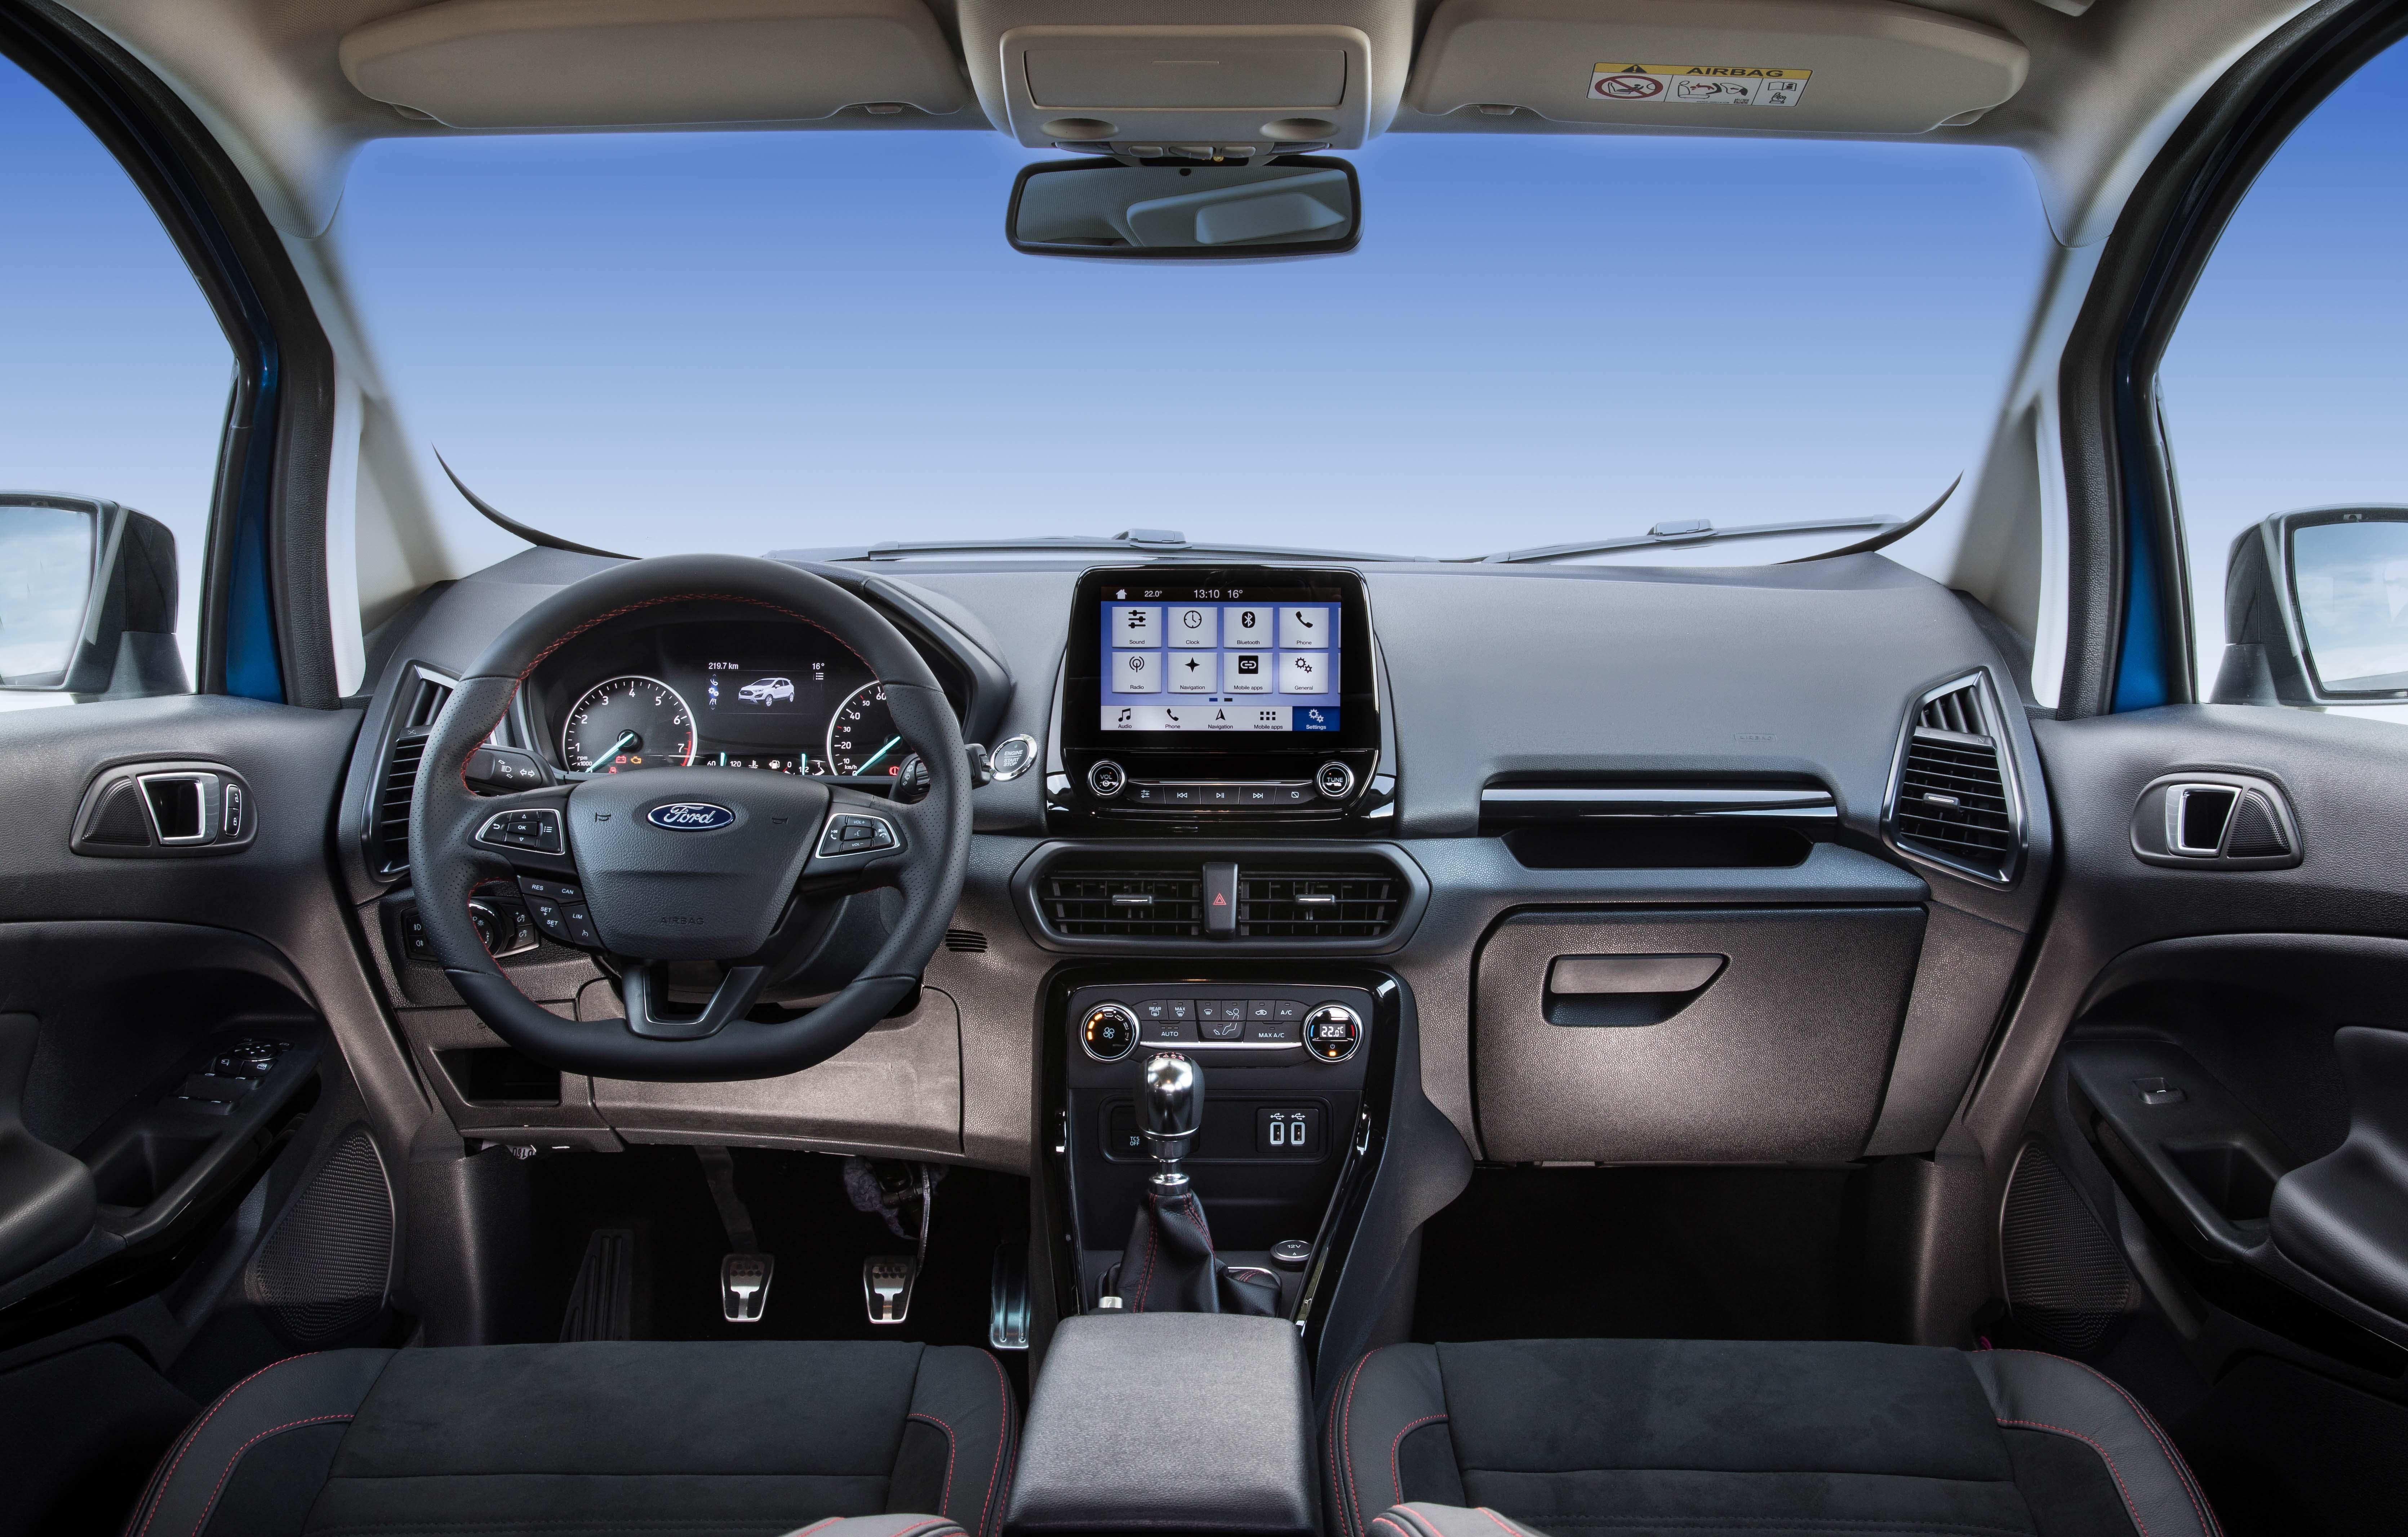 """• Νέο Ford EcoSport SUV λανσάρει τον ισχυρό, νέο κινητήρα 1.5L Ford EcoBlue diesel και σύστημα Intelligent All Wheel Drive που αυξάνει την ευελιξία και τις δυνατότητες • Σκληροτράχηλο, στιλάτο εξωτερικό EcoSport προσφέρει περισσότερες επιλογές εξατομίκευσης με αντίθετα χρώματα οροφής, ενώ για πρώτη φορά διατίθεται σπορ έκδοση EcoSport ST-Line • Ανανεωμένο, εργονομικό εσωτερικό με ανεξάρτητη, κεντρική οθόνη αφής έως 8 ιντσών, θερμαινόμενο τιμόνι και premium ηχοσύστημα B&O PLAY • Προηγμένες τεχνολογίες όπως συνδεσιμότητα SYNC 3, Cruise Control και Adjustable Speed Limiter, και Rear View Camera για οπισθοπορεία με αυτοπεποίθηση Το νέο συμπαγές SUV Ford EcoSport προσφέρει αυξημένη ευελιξία, περισσότερες ικανότητες, ανανεωμένο στυλ και προηγμένες τεχνολογίες για τους Ευρωπαίους πελάτες. Το νέο Ford EcoSport για πρώτη φορά προσφέρει τεχνολογία Ford Intelligent All Wheel Drive για βελτιωμένη πρόσφυση στο δρόμο και εκτός δρόμου, σε συνδυασμό με ένα προηγμένο, νέο κινητήρα 1.5-L EcoBlue diesel, που αποδίδει έως 125 ίππους με βελτιωμένες εκπομπές CO2.* Επίσης, για πρώτη φορά διατίθεται σπορ μοντέλο EcoSport ST Line εμπνευσμένο από τη Ford Performance. Το νέο Ford EcoSport προσφέρει τεχνολογίες υποστήριξης οδηγού όπως συνδεσιμότητα SYNC 3, Cruise Control με Adjustable Speed Limiter και Rear View Camera. Με ένα αναβαθμισμένο, δυναμικό, σκληροτράχηλο και ανανεωμένο εξωτερικό στυλ, το νέο μοντέλο διατίθεται σε 12 τολμηρές αποχρώσεις και προσφέρει ακόμα περισσότερες δυνατότητες εξατομίκευσης – με αντίθετες αποχρώσεις οροφής που εκτείνονται μέχρι τις κολόνες των παραθύρων, τα πάνω πλαίσια των θυρών, την αεροτομή οροφής και τους εξωτερικούς καθρέπτες. Ένα χρηστο-κεντρικό, πολυτελές νέο εσωτερικό προσφέρει μία ανώτερη εμπειρία στους επιβάτες με ανεξάρτητη κεντρική οθόνη αφής 8 ιντσών, θερμαινόμενο τιμόνι και έξυπνες λύσεις αποθήκευσης, όπως ρυθμιζόμενο πάτωμα χώρου αποσκευών. """"Η Ford έχει πουλήσει πάνω από 166.000 οχήματα EcoSport στην Ευρώπη από το 2014 που λανσάραμε το μοντέλο στην"""